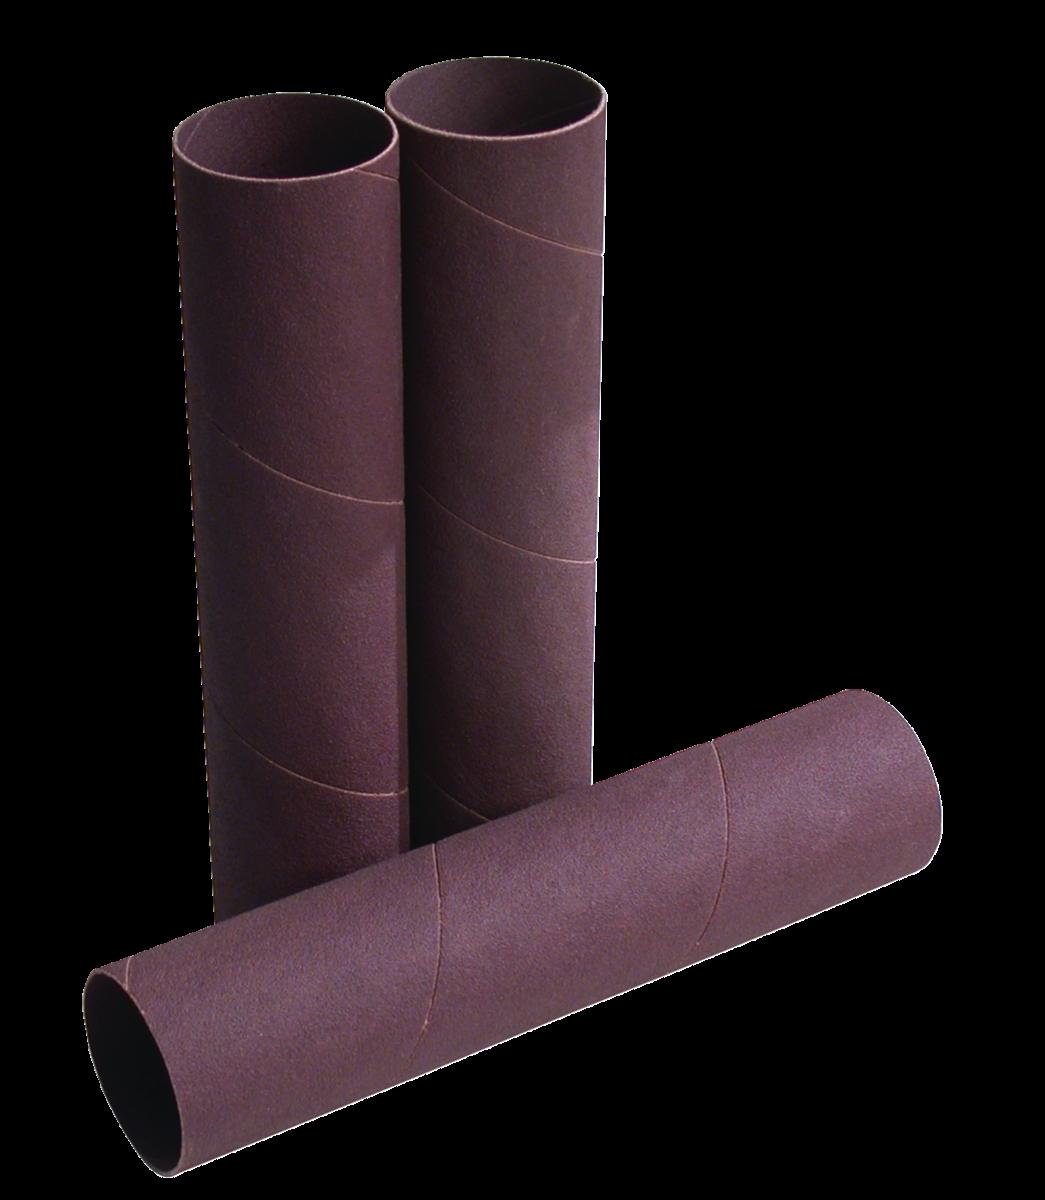 """3"""" x 5-1/2"""" Sanding Sleeves 100 Grit (4 pack)"""